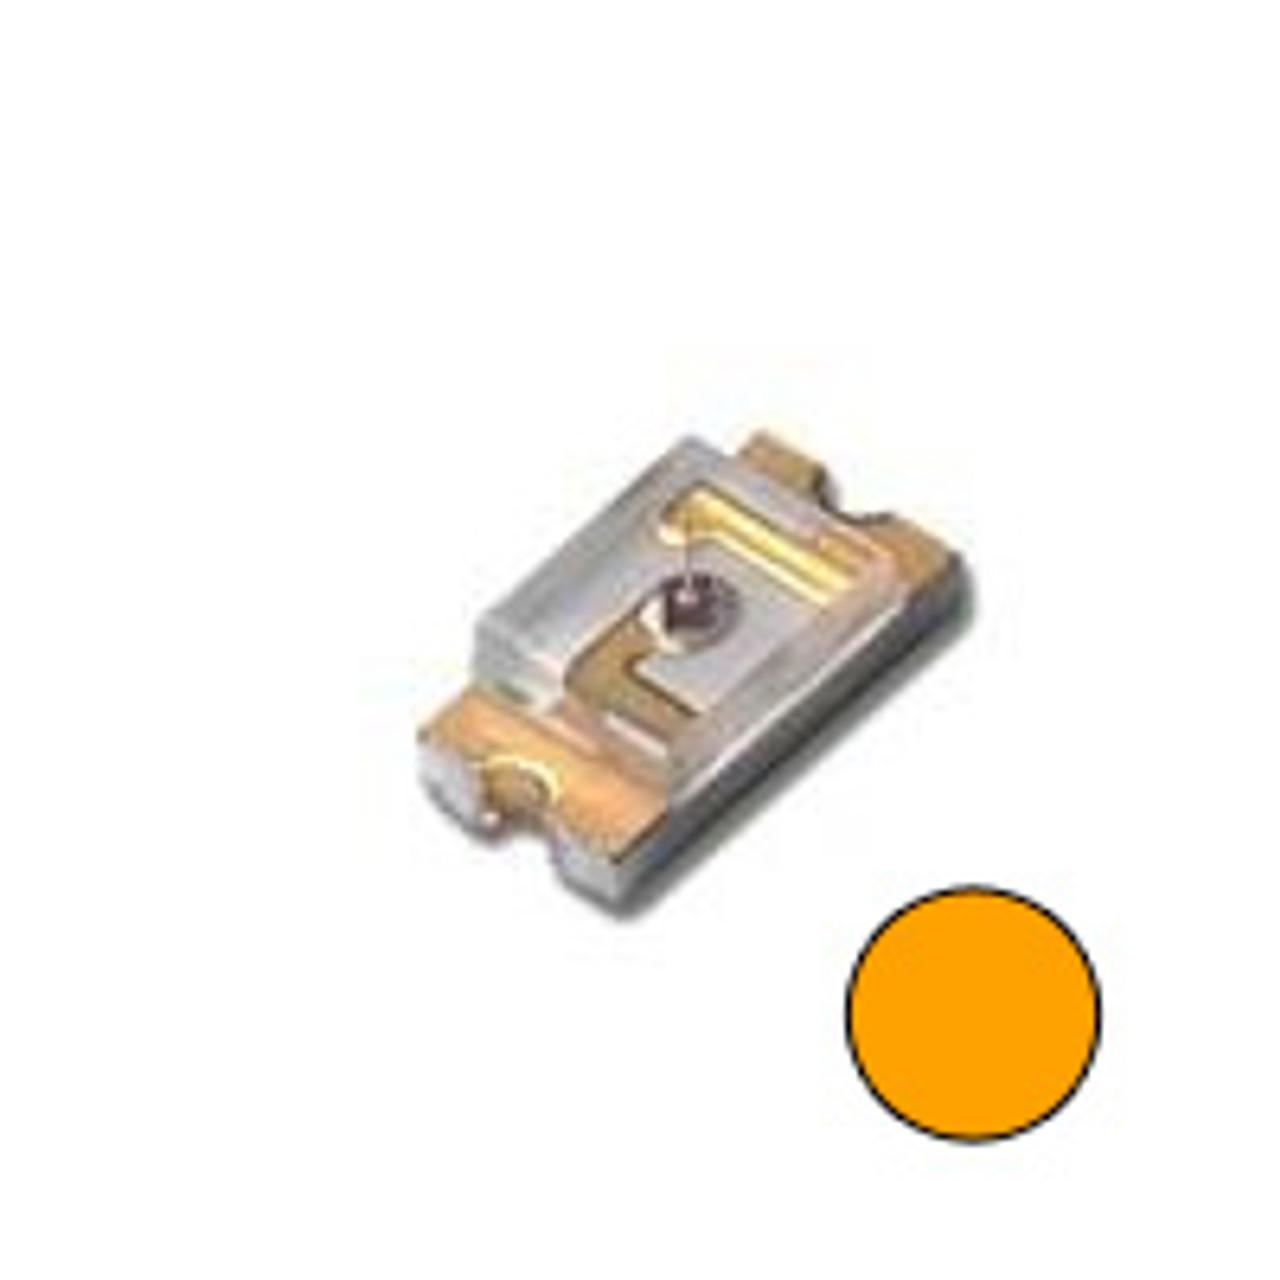 1206 LED - Orange